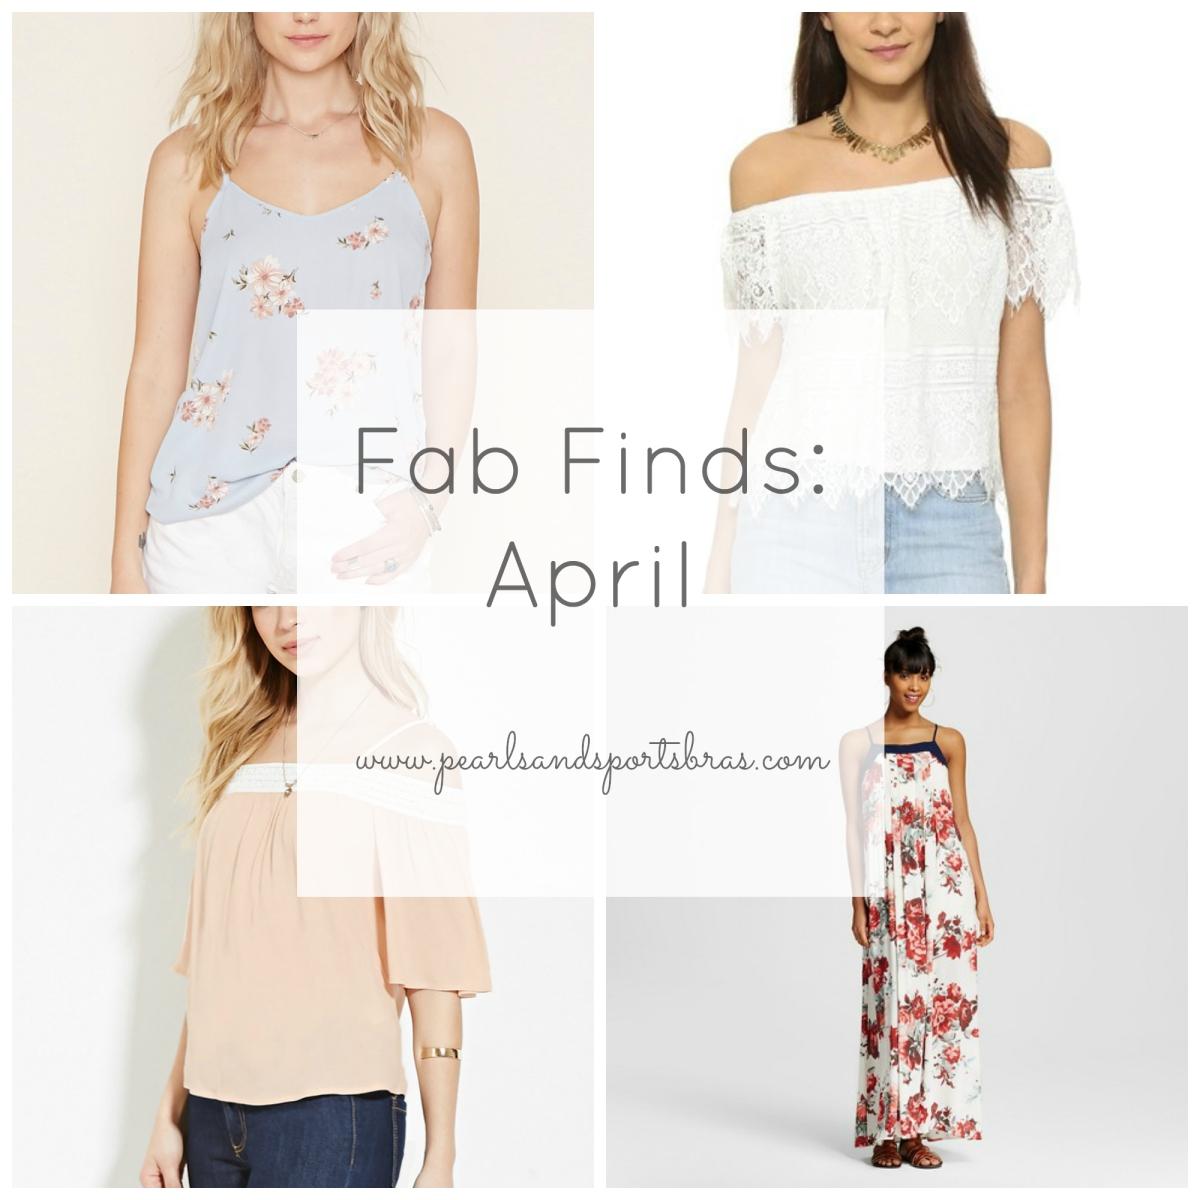 Fab Finds: April 2016  www.pearlsandsportsbras.com 